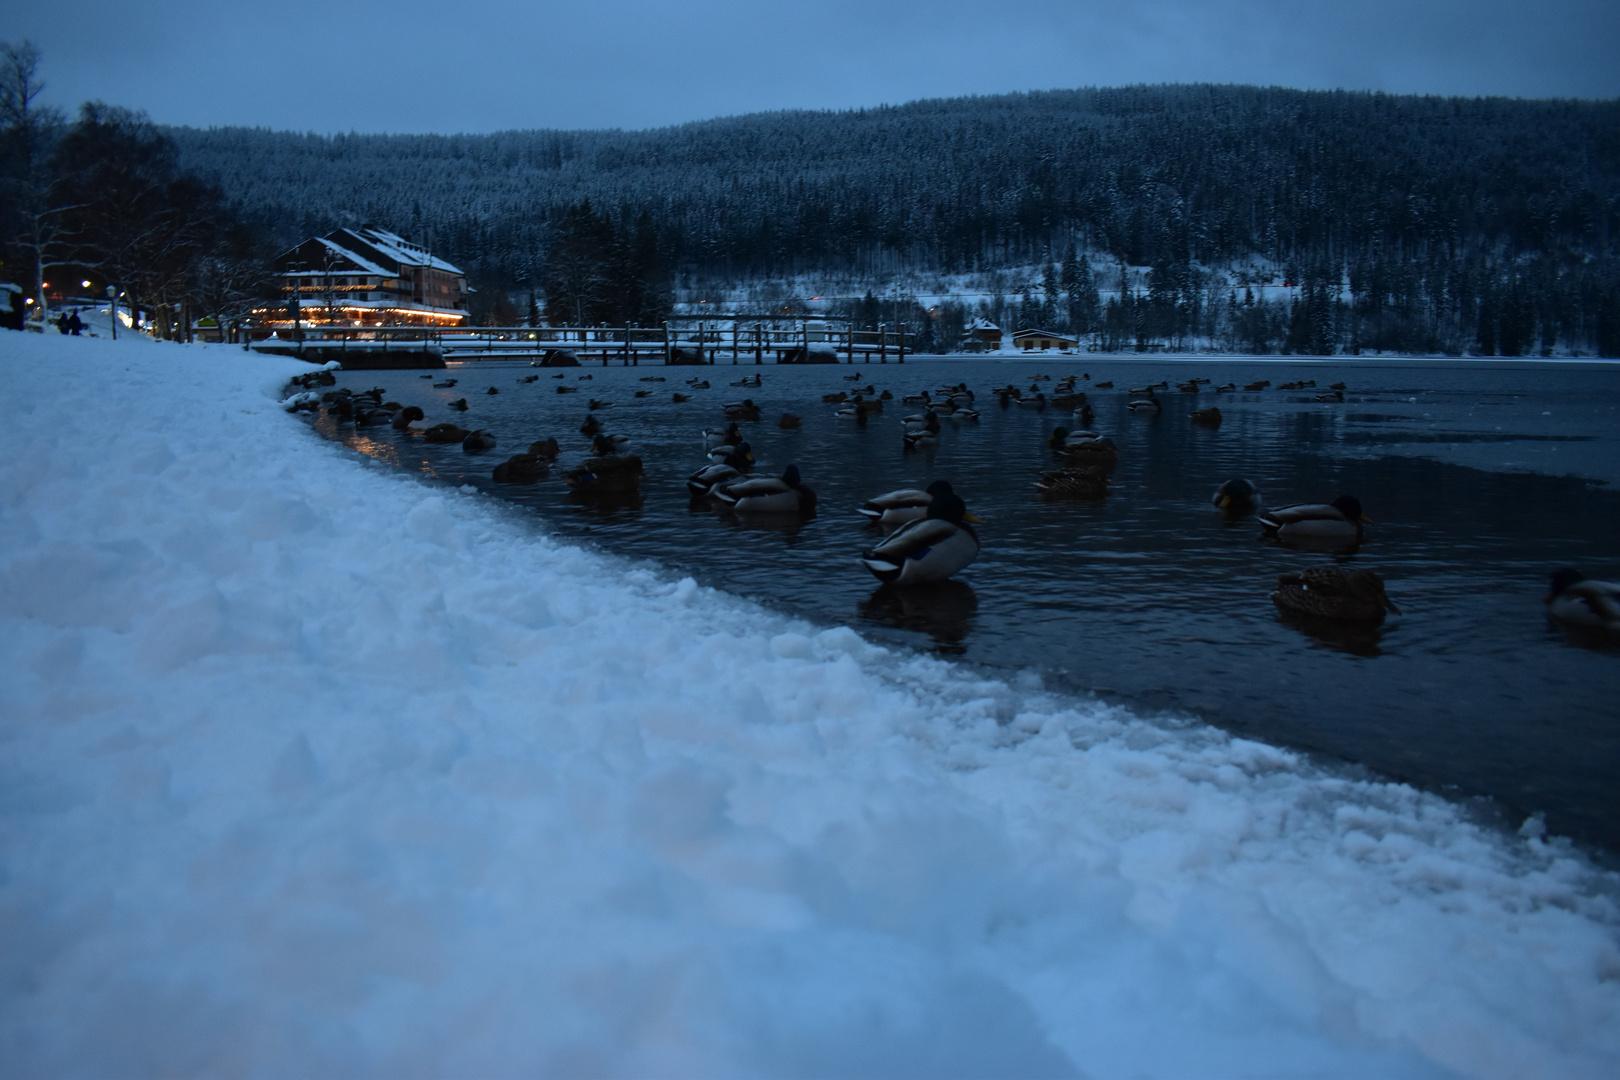 Titisee Neustadt Foto Bild Tiere Wildlife Jahreszeiten Bilder Auf Fotocommunity